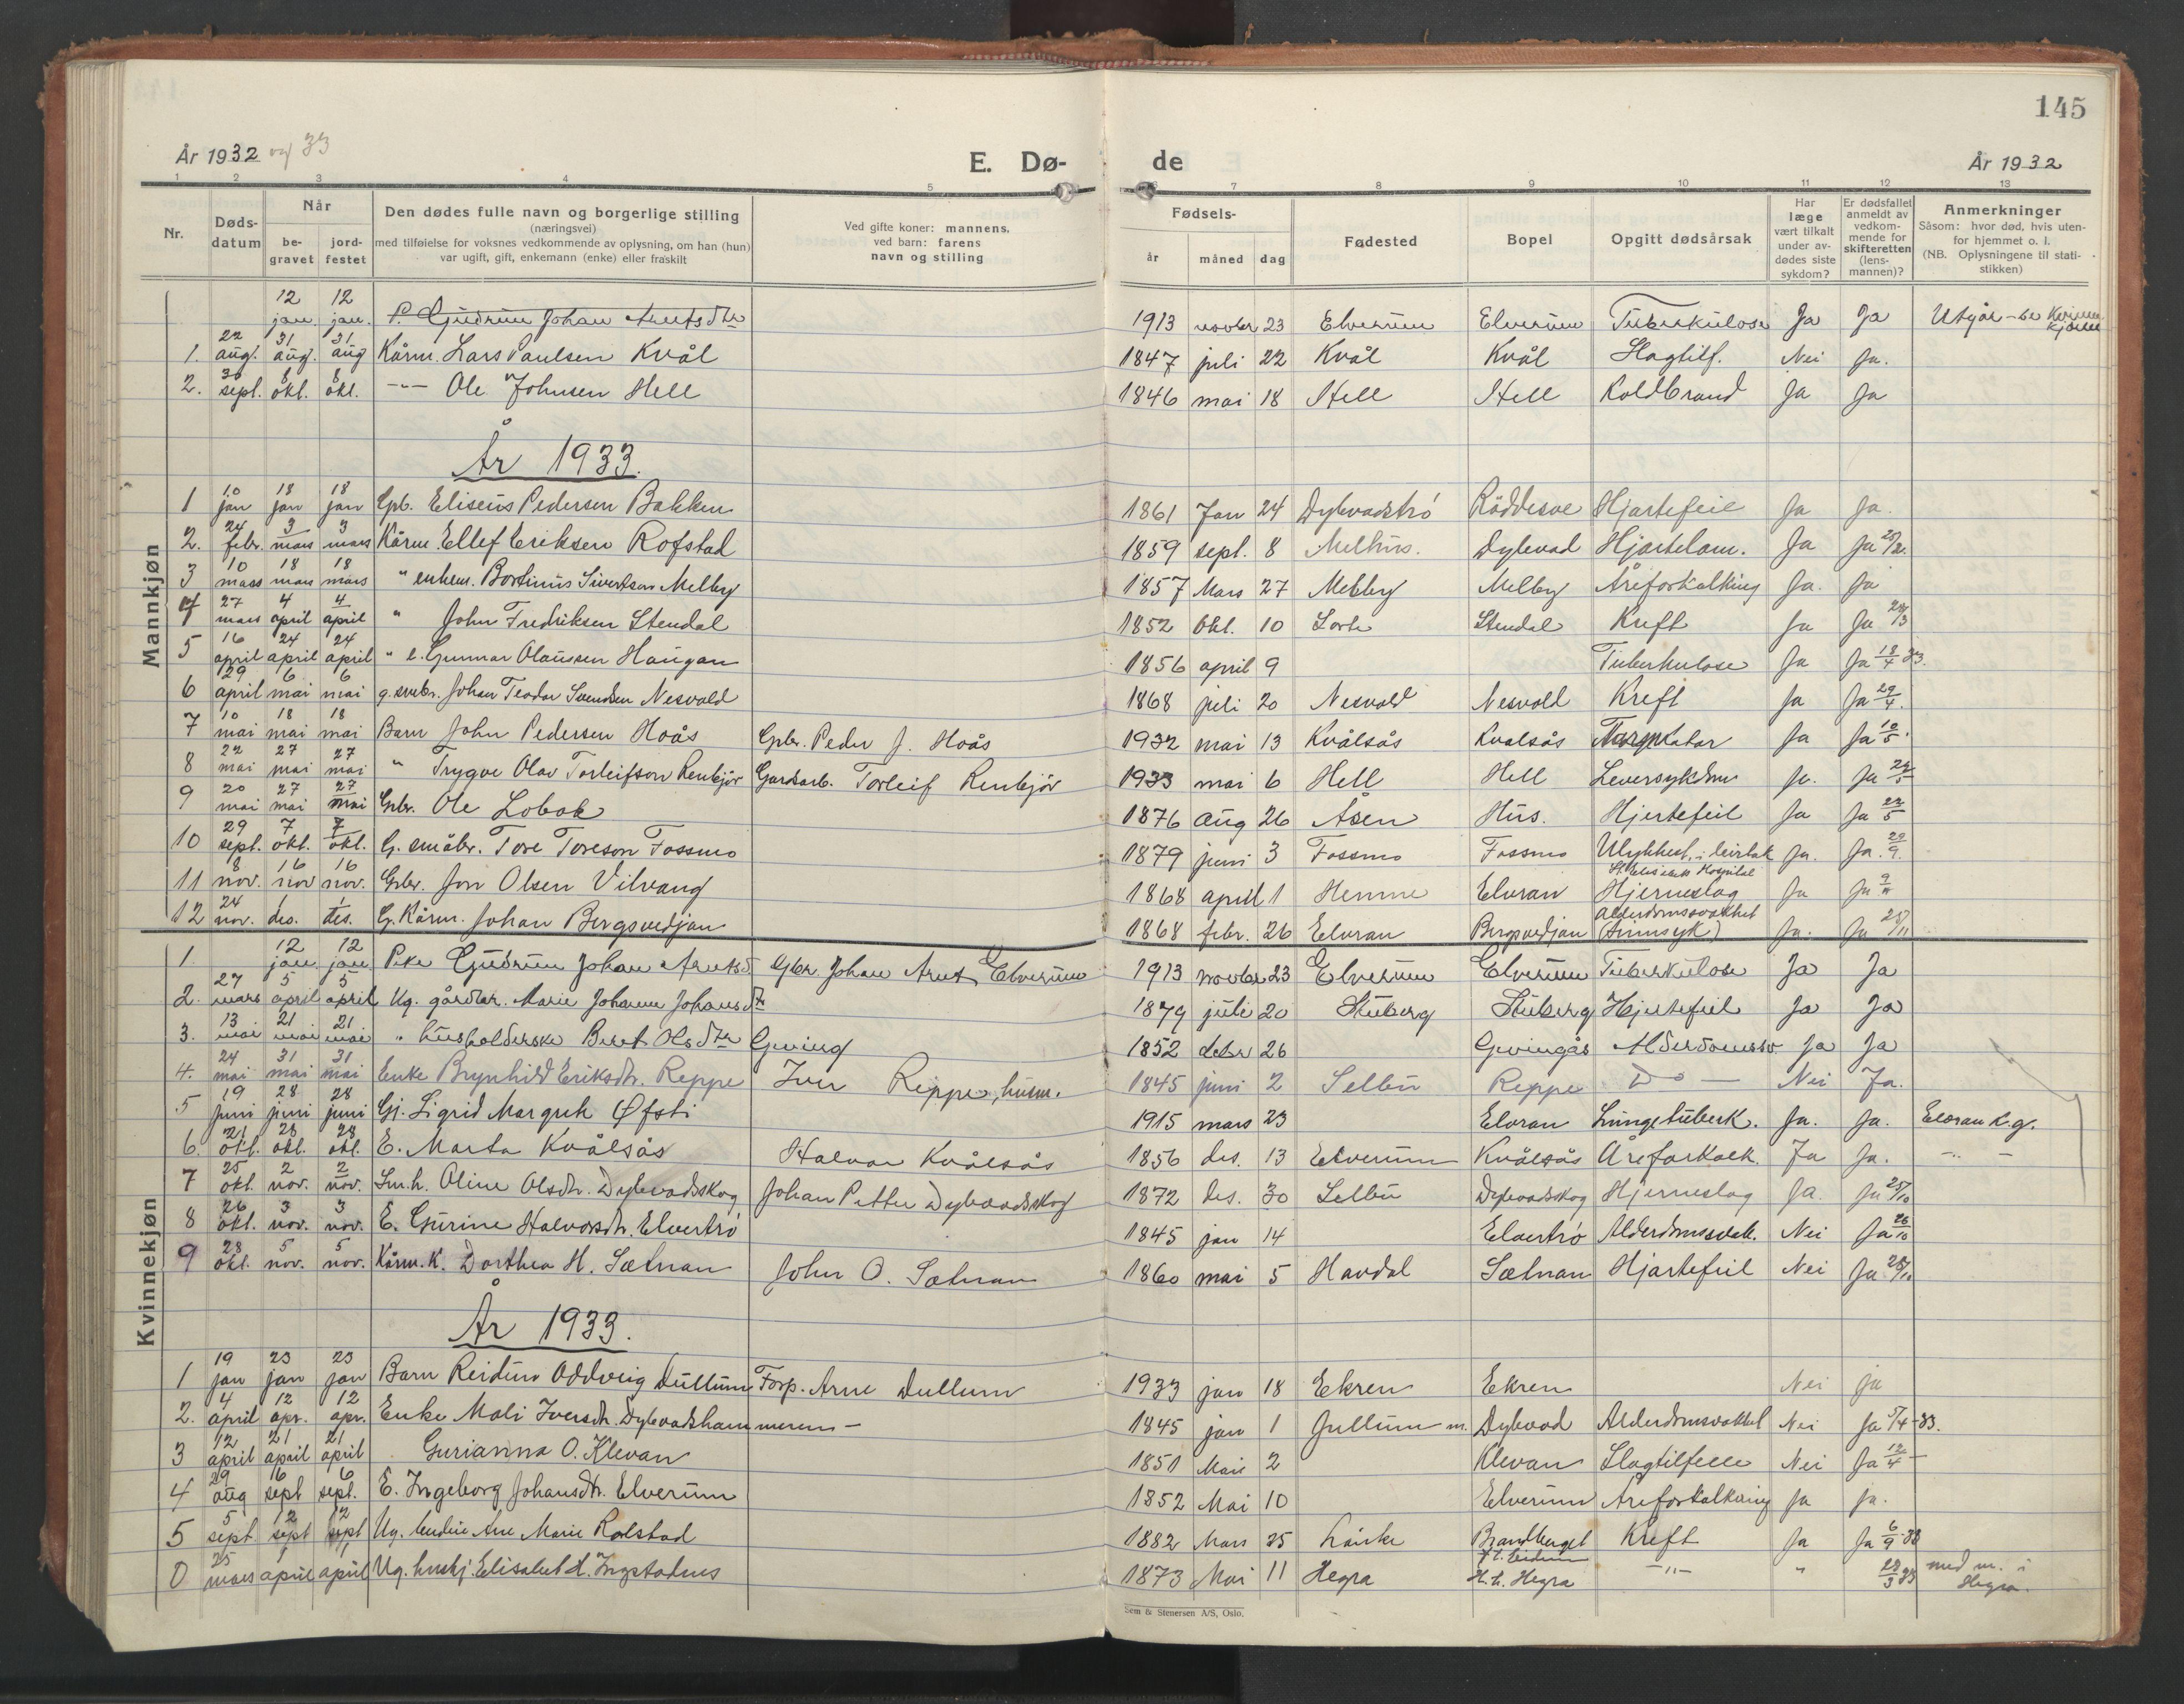 SAT, Ministerialprotokoller, klokkerbøker og fødselsregistre - Nord-Trøndelag, 710/L0097: Klokkerbok nr. 710C02, 1925-1955, s. 145